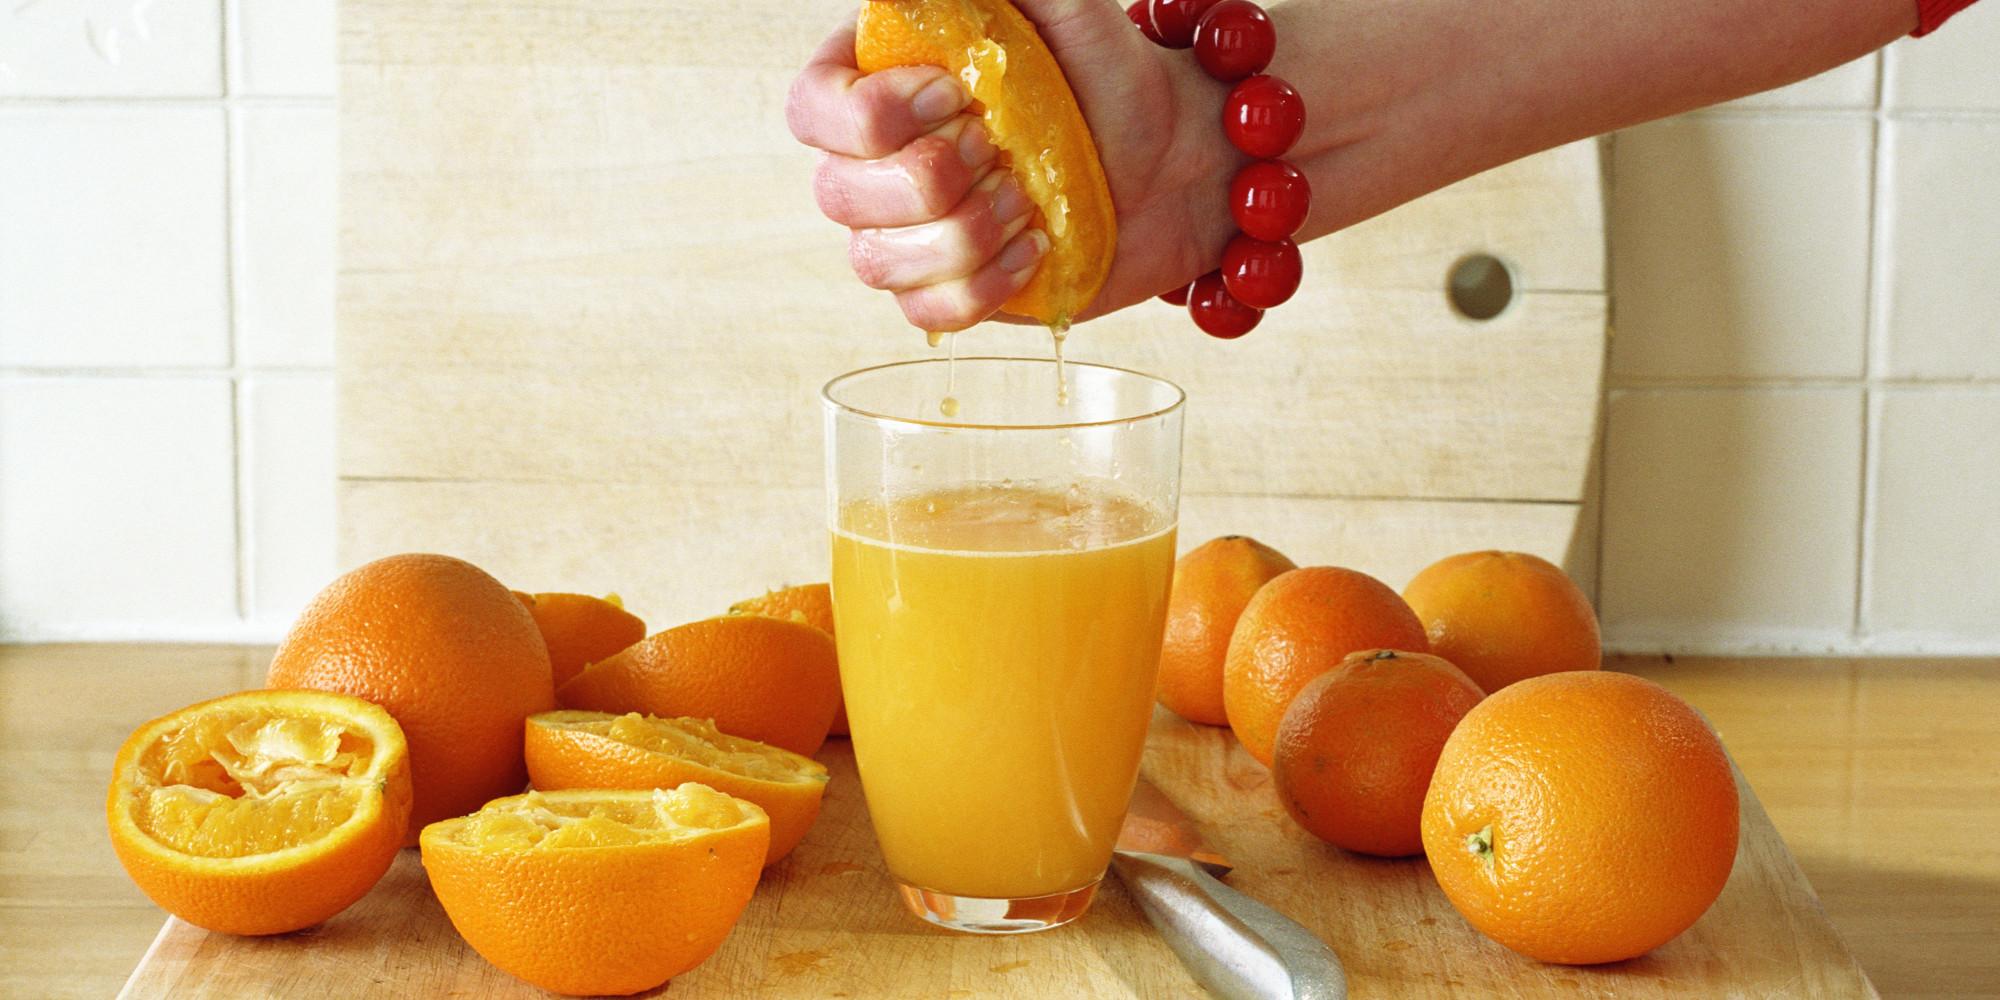 Апельсиновая диета: меню и отзывы на 2, 3, 4, 5, 7 дней